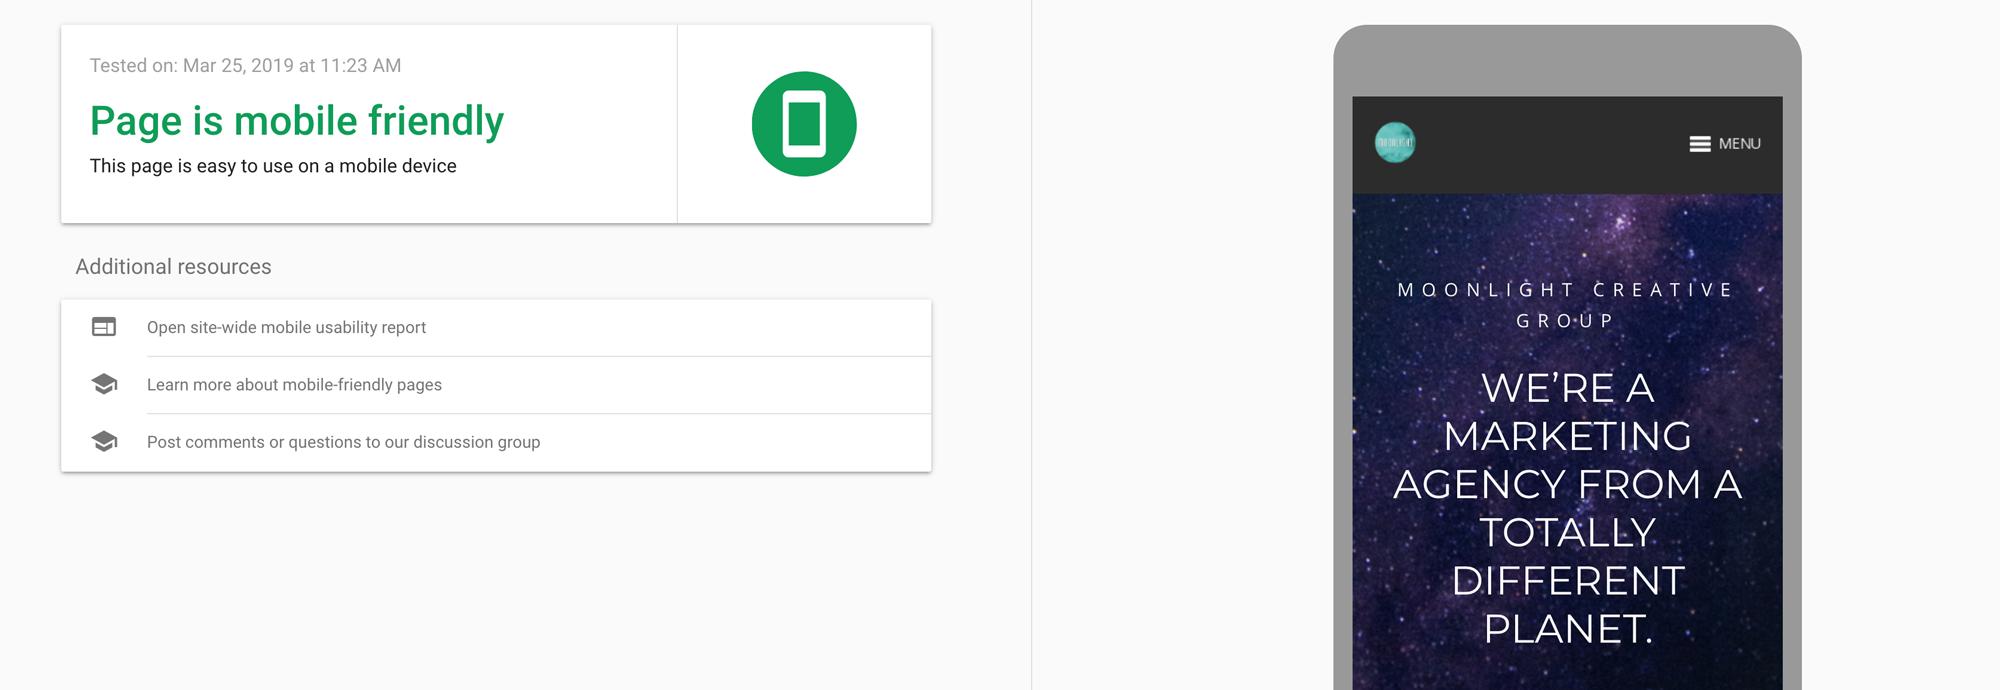 Moonlight's website passes Google's mobile-friendly test